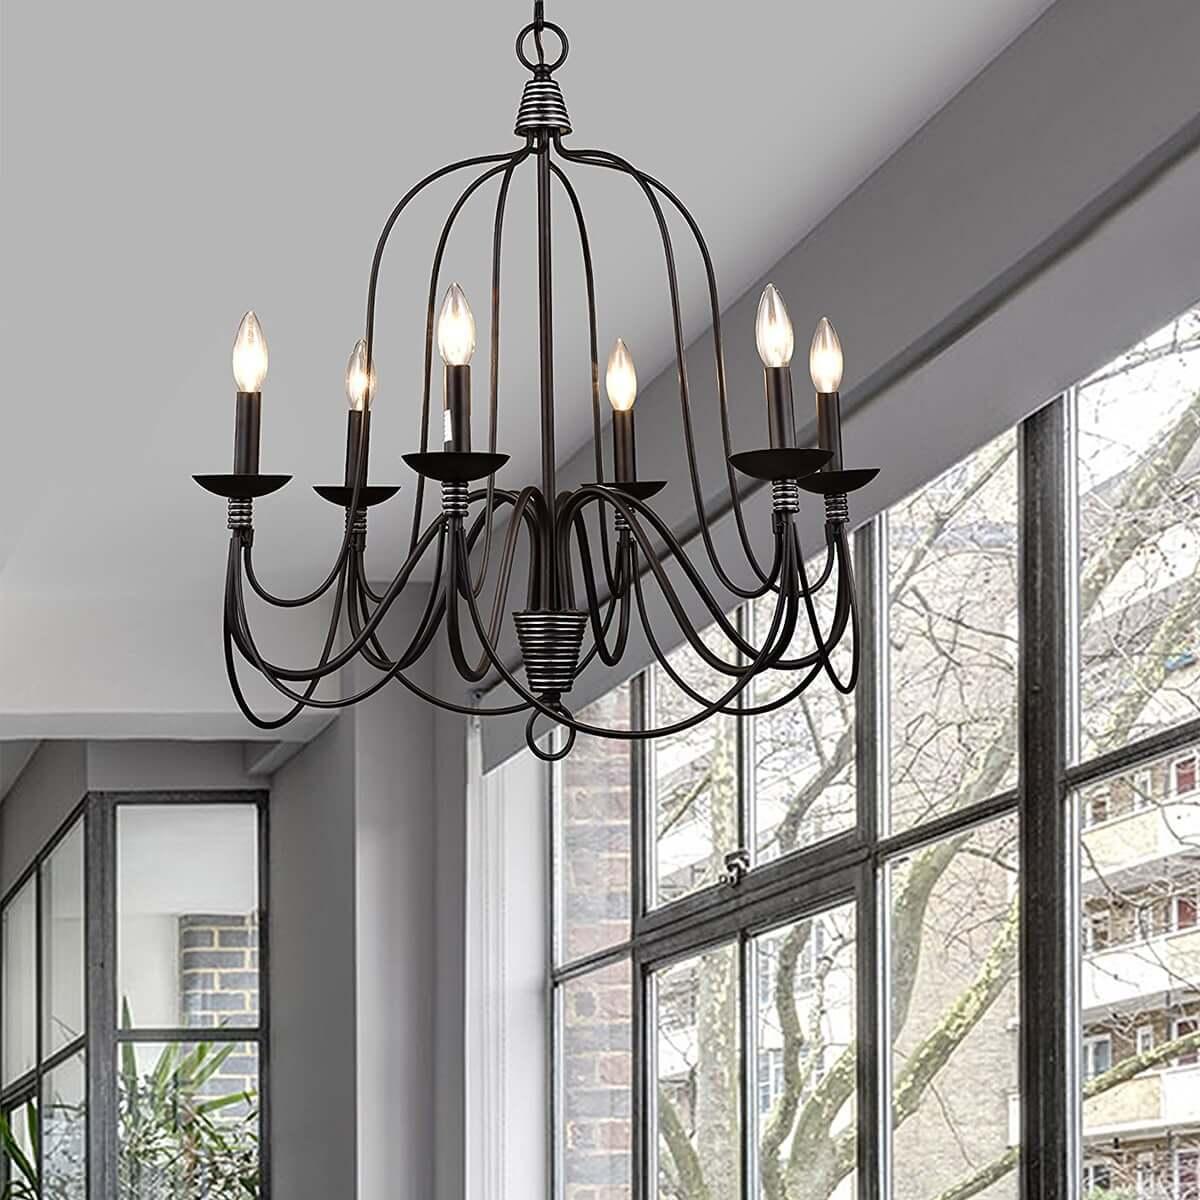 Industrial Bronze Candle Chandelier 6-Light Dining Room Fixture